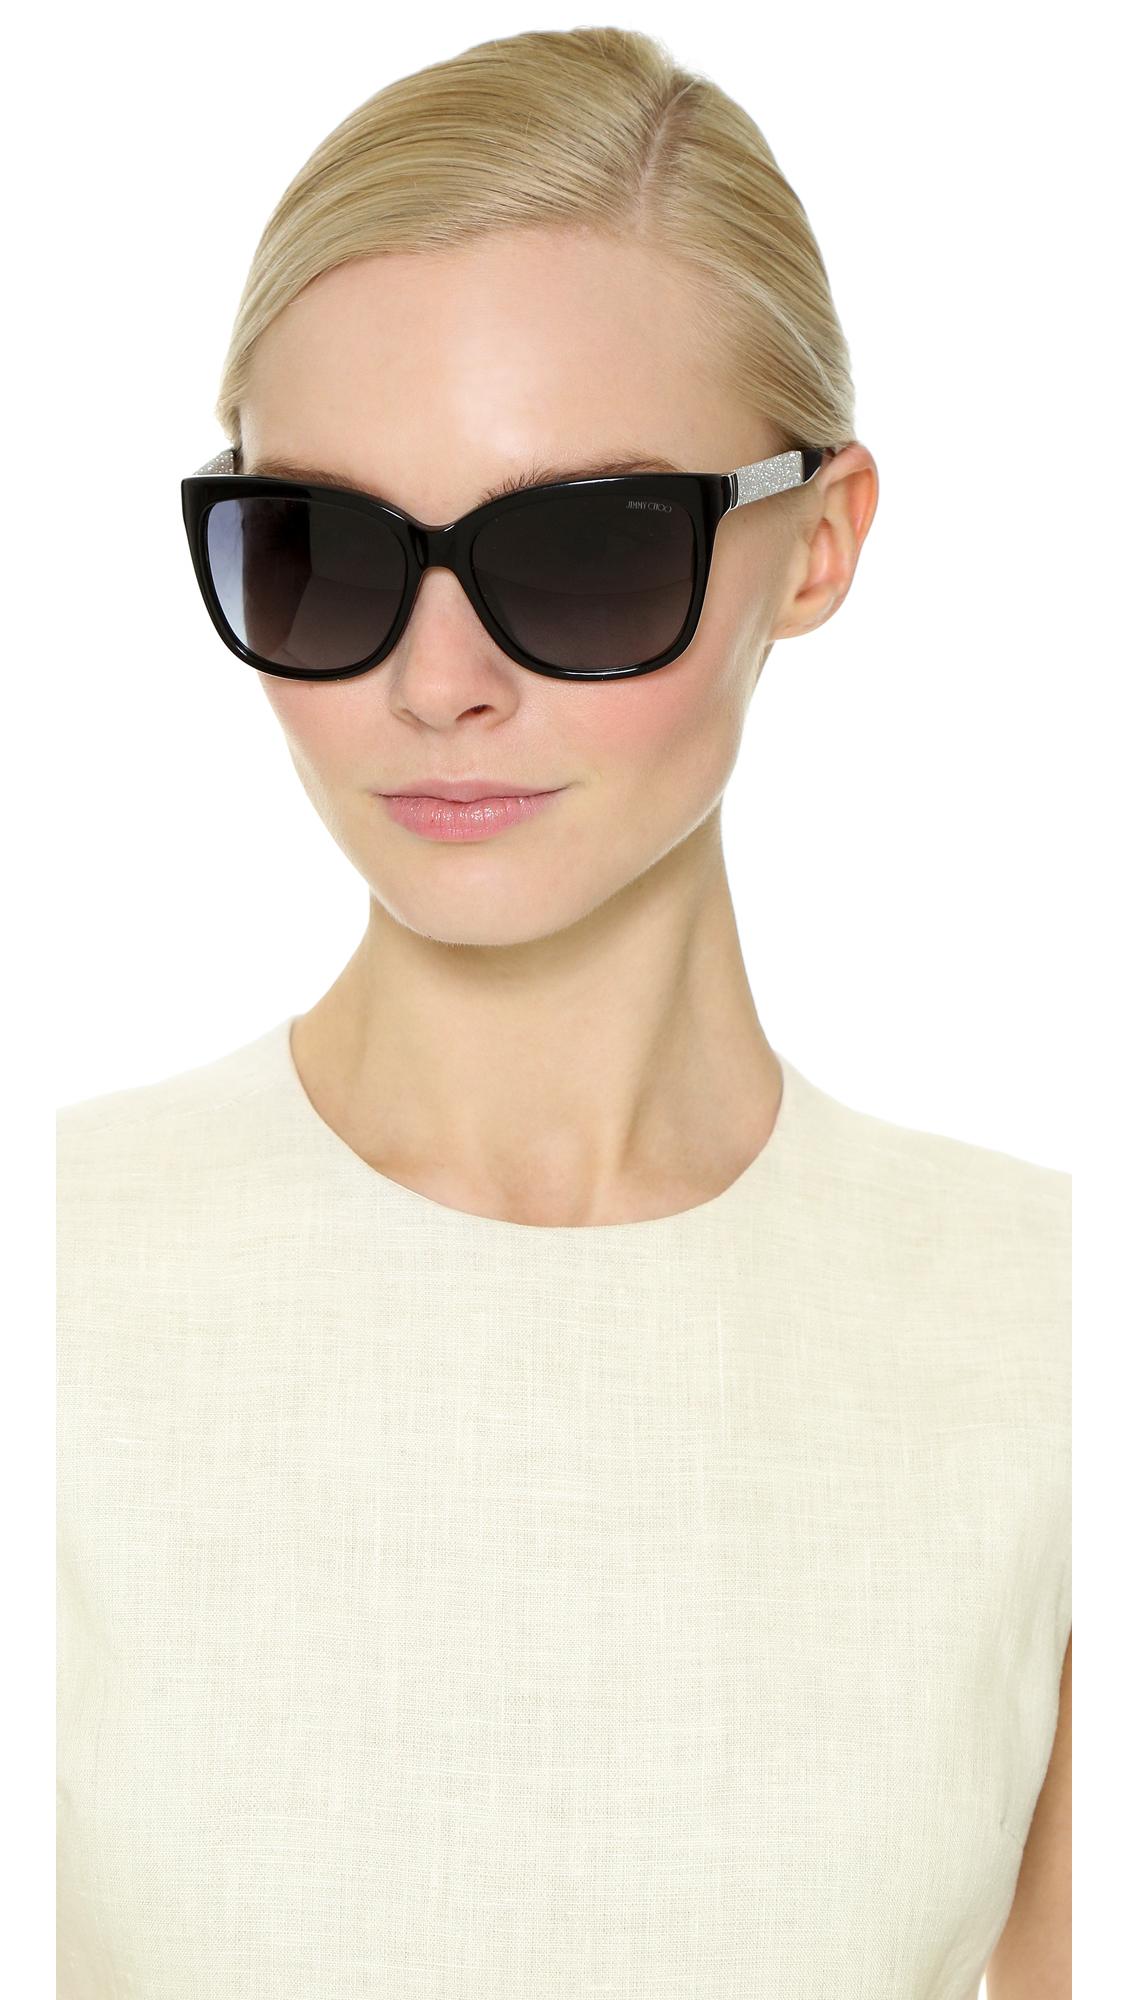 8f09c8995ea Jimmy Choo Cora Sunglasses